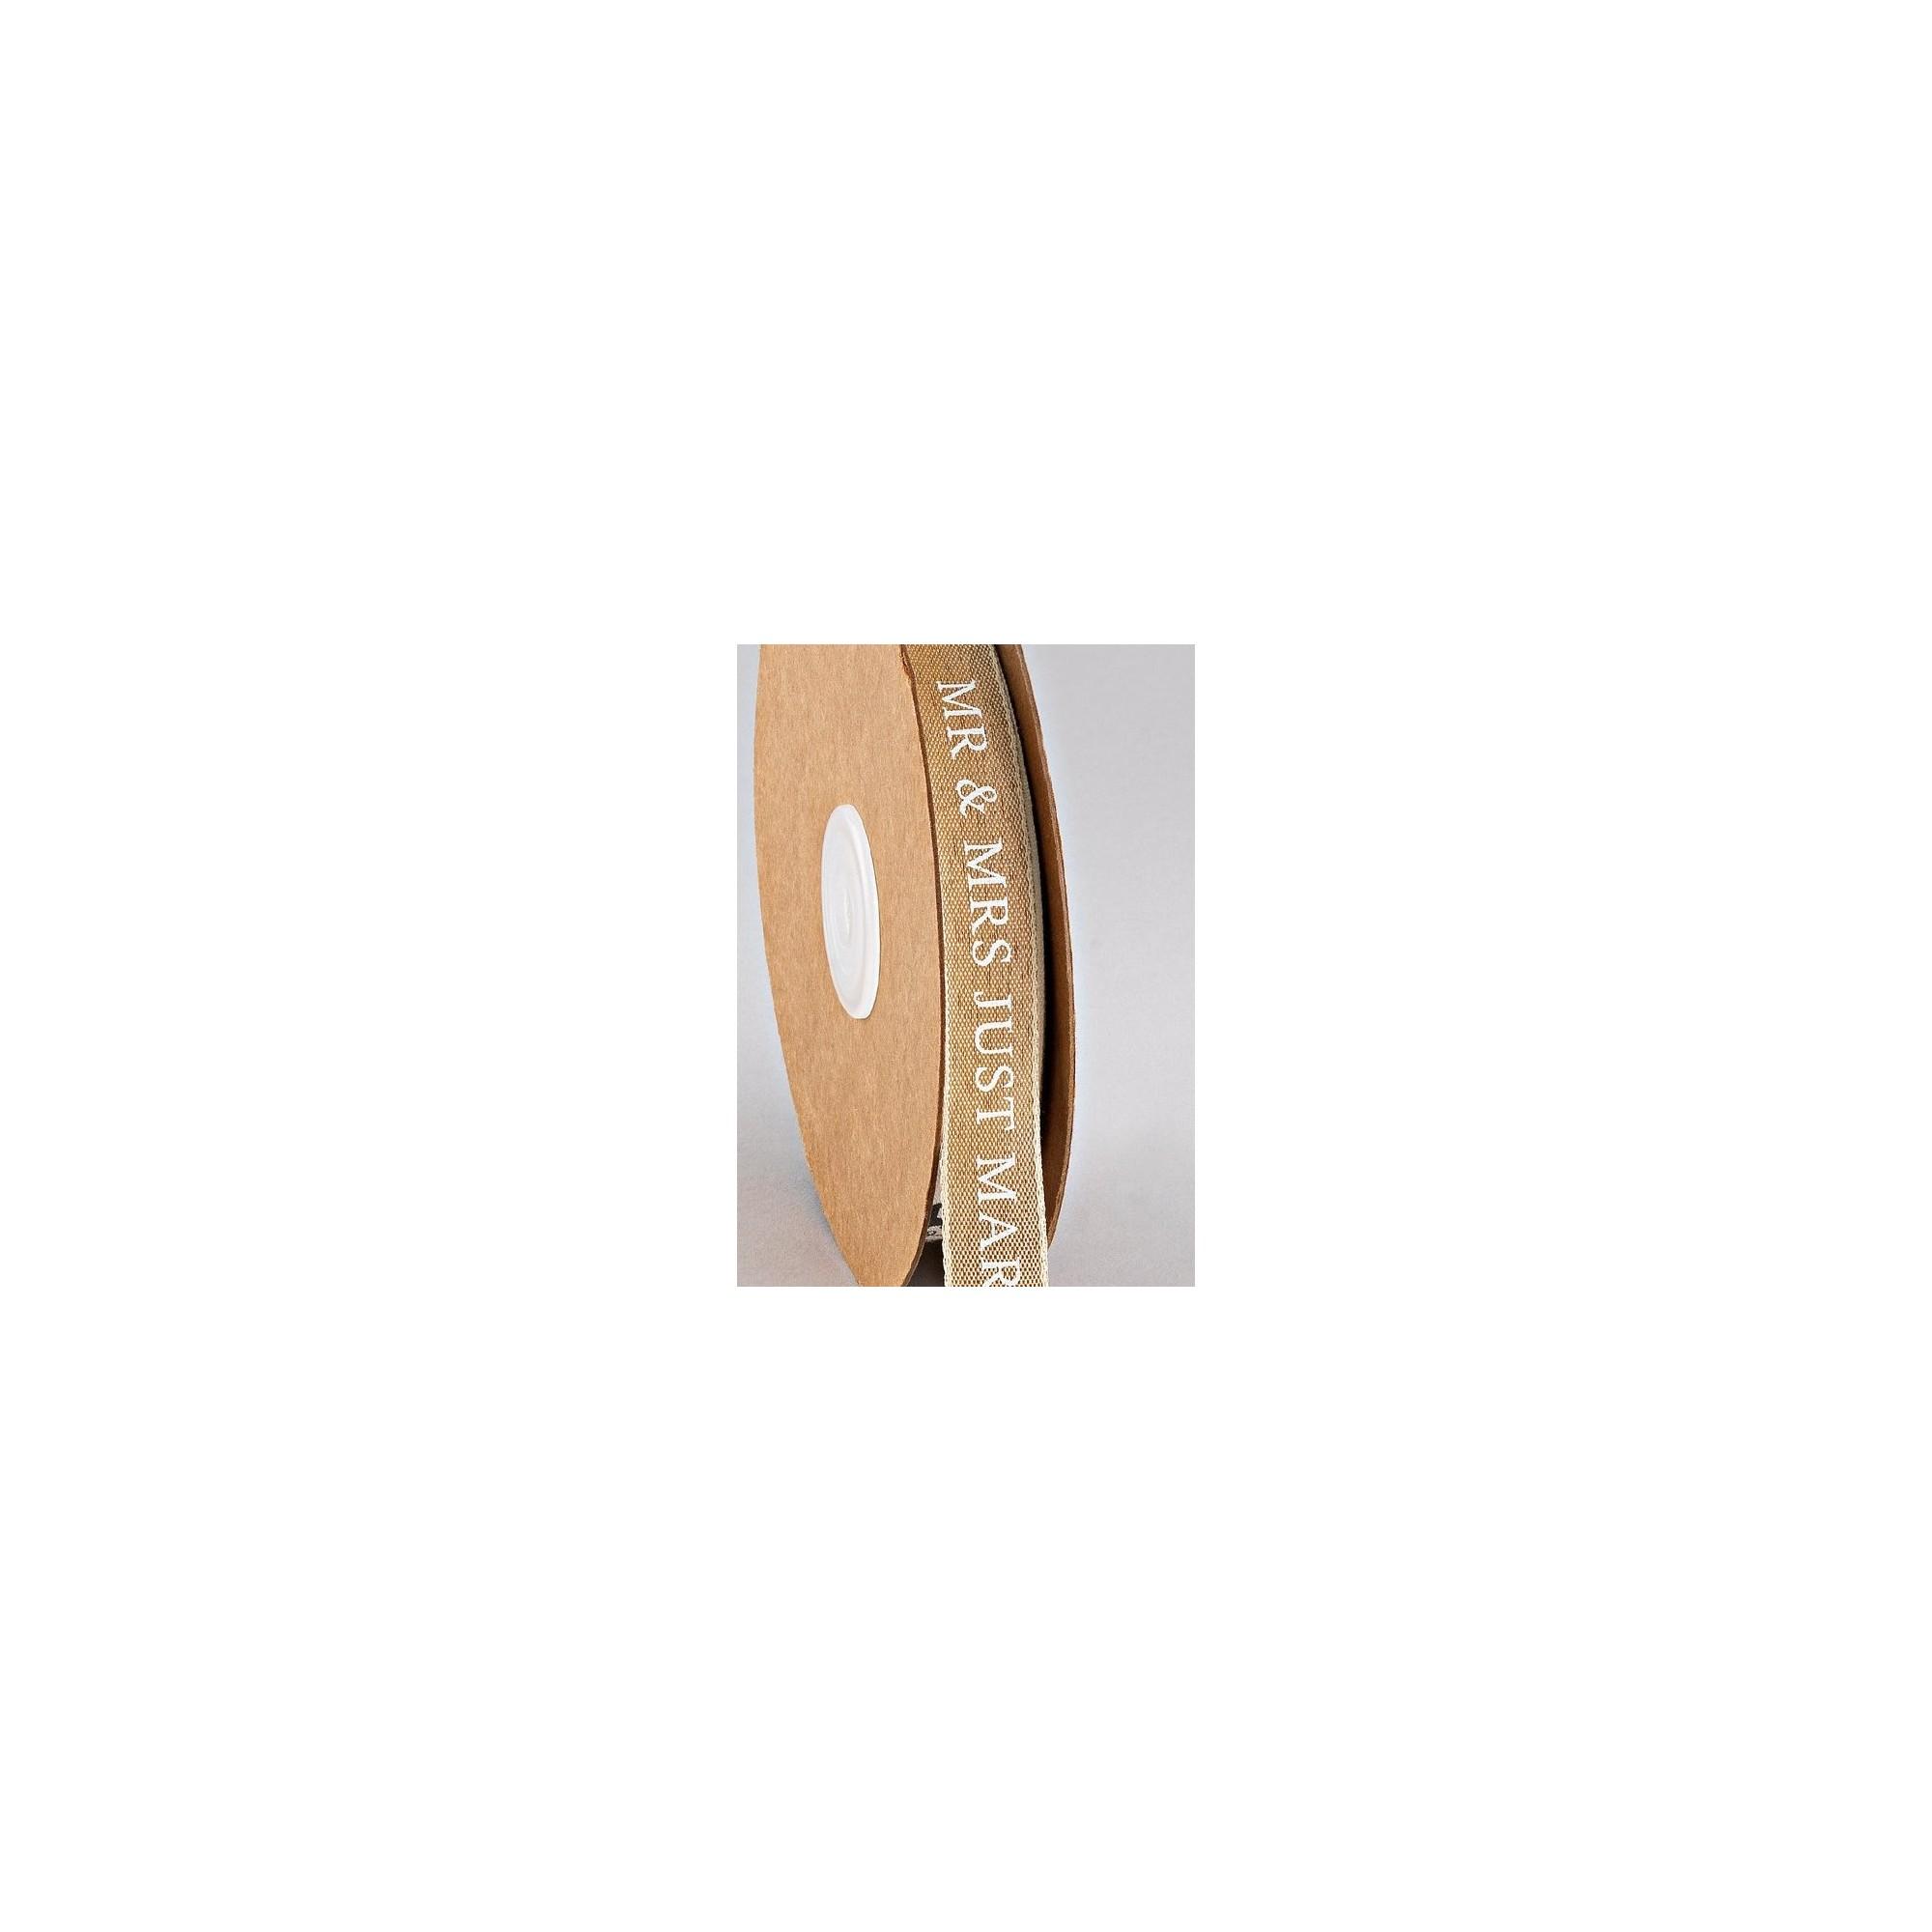 """Κορδέλα Υφασμάτινη Τυπωμένη """"MR & MRS JUST MARRIED"""" 15 mm - PE-17269"""